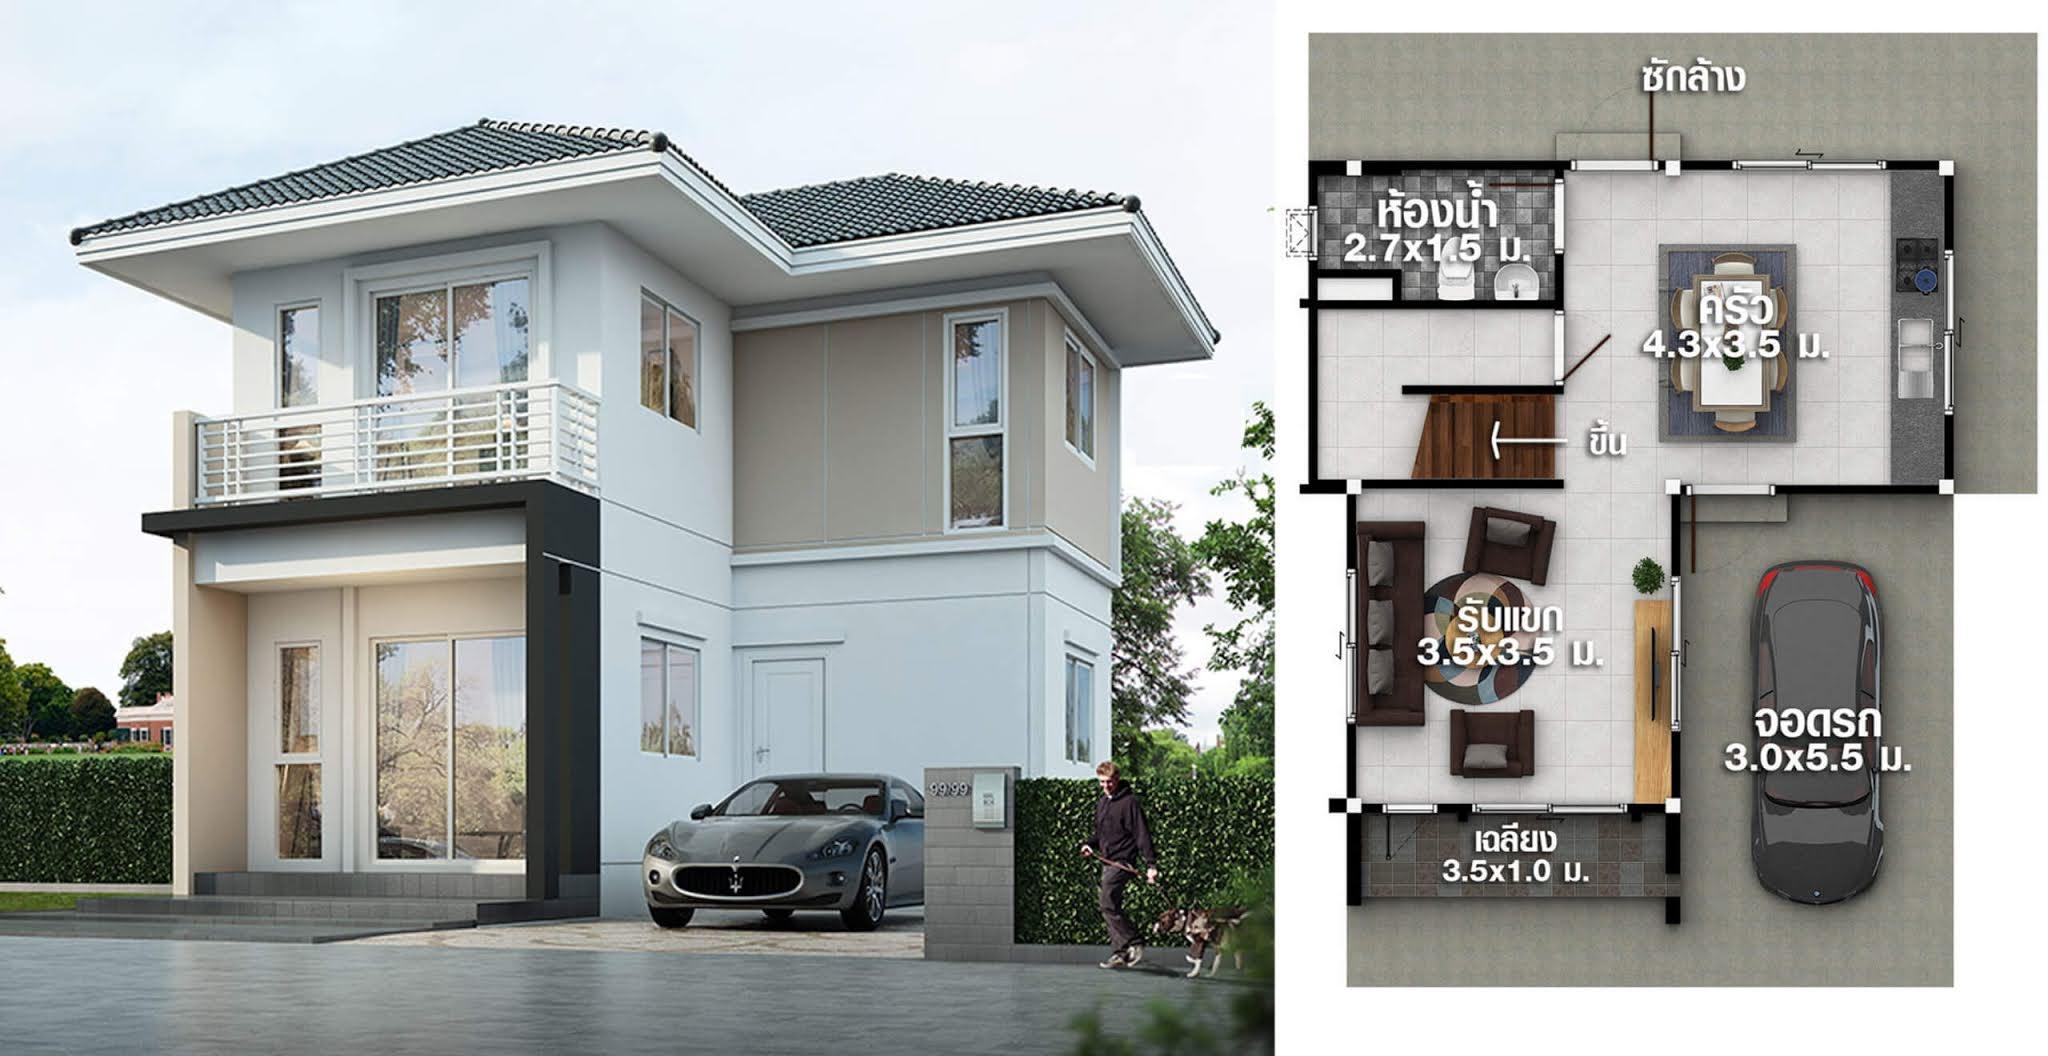 Plan Maison 7 X 8 M Avec 2 Chambres Site Specialise Dans L Ingenierie Civile L Architecture